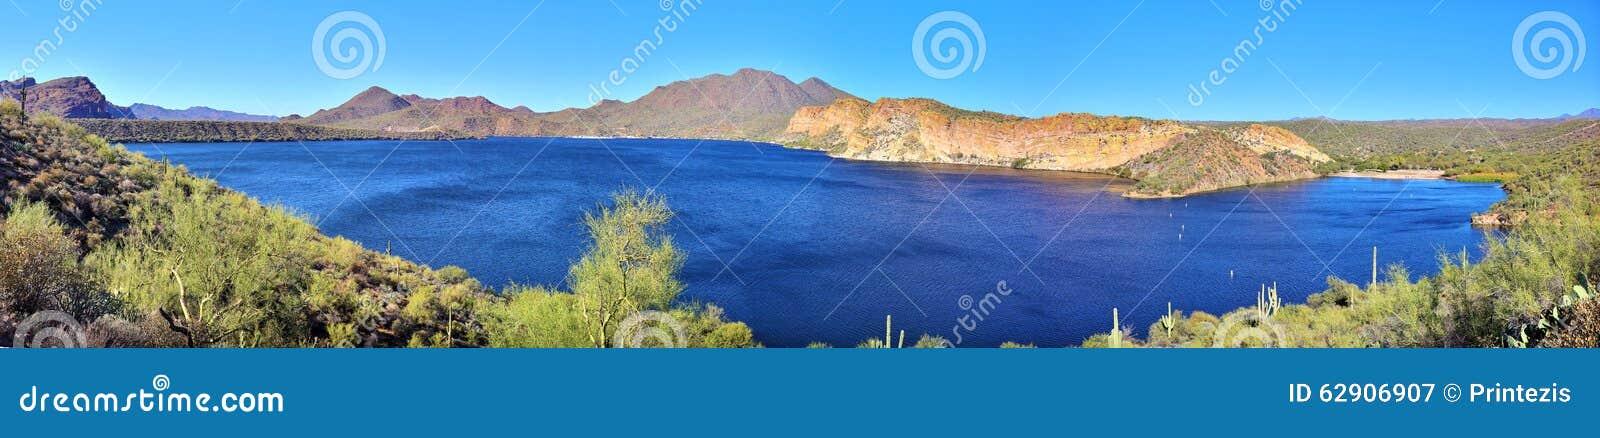 Bergen, Klippen, Woestijn, en Meer (GROOT Panorama)